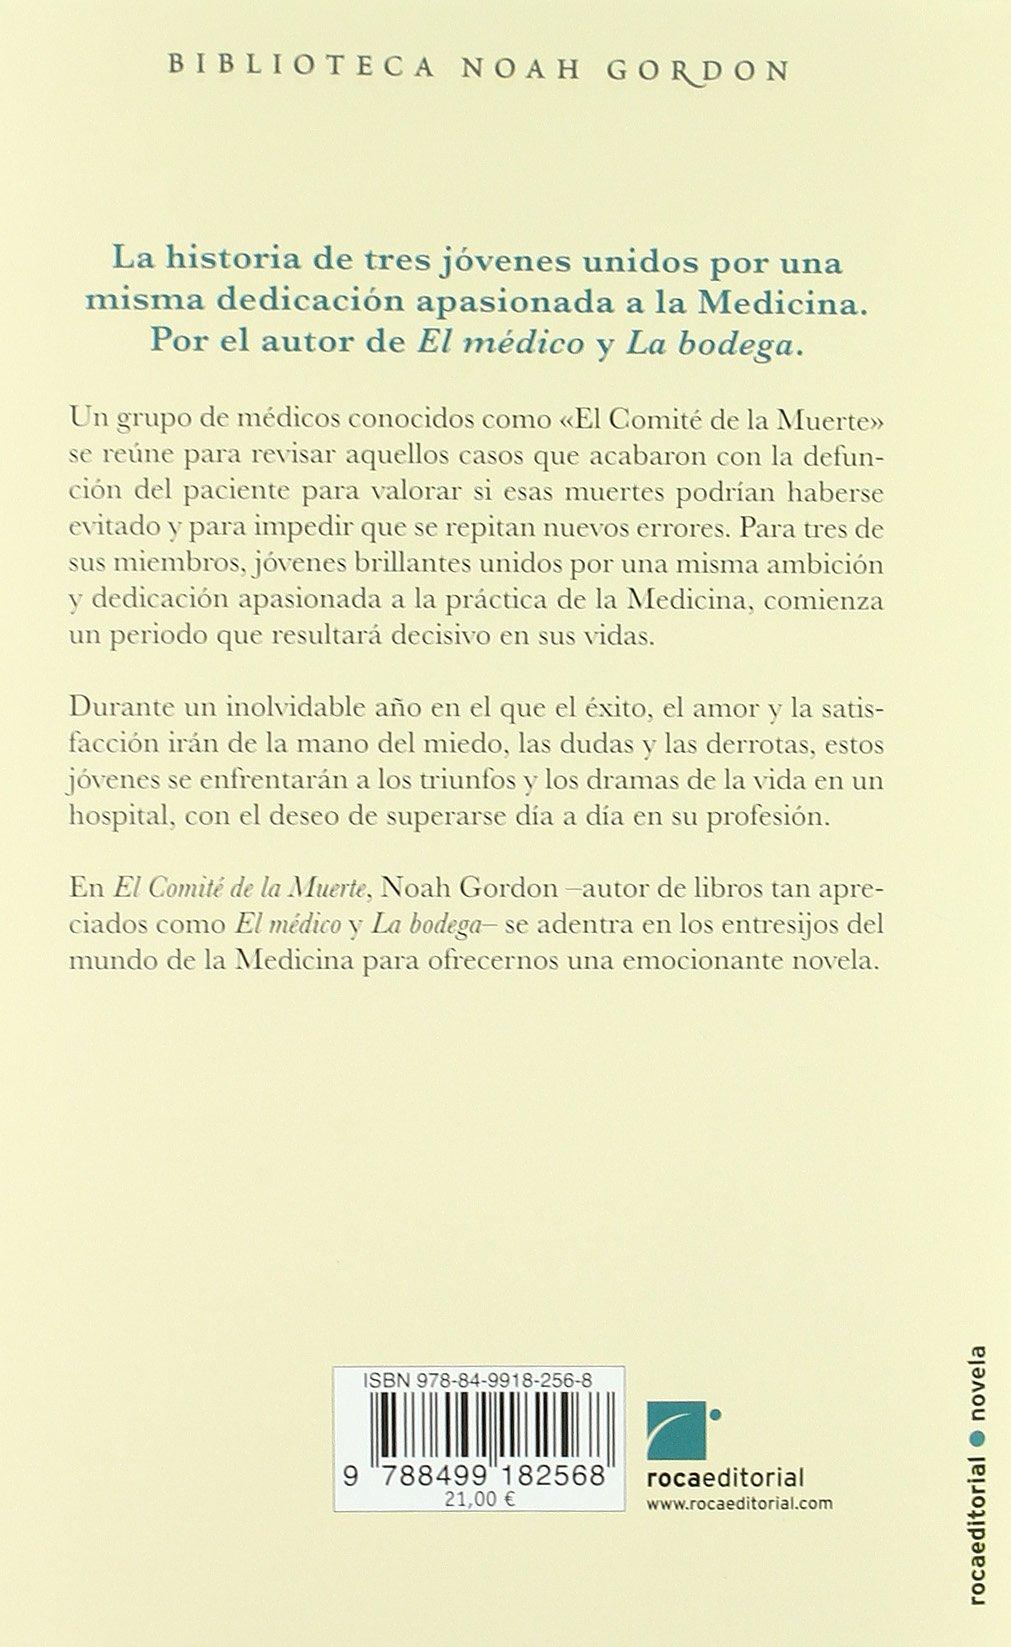 El comité de la muerte: Amazon.co.uk: Noah Gordon, Jesús Pardo:  9788499182568: Books